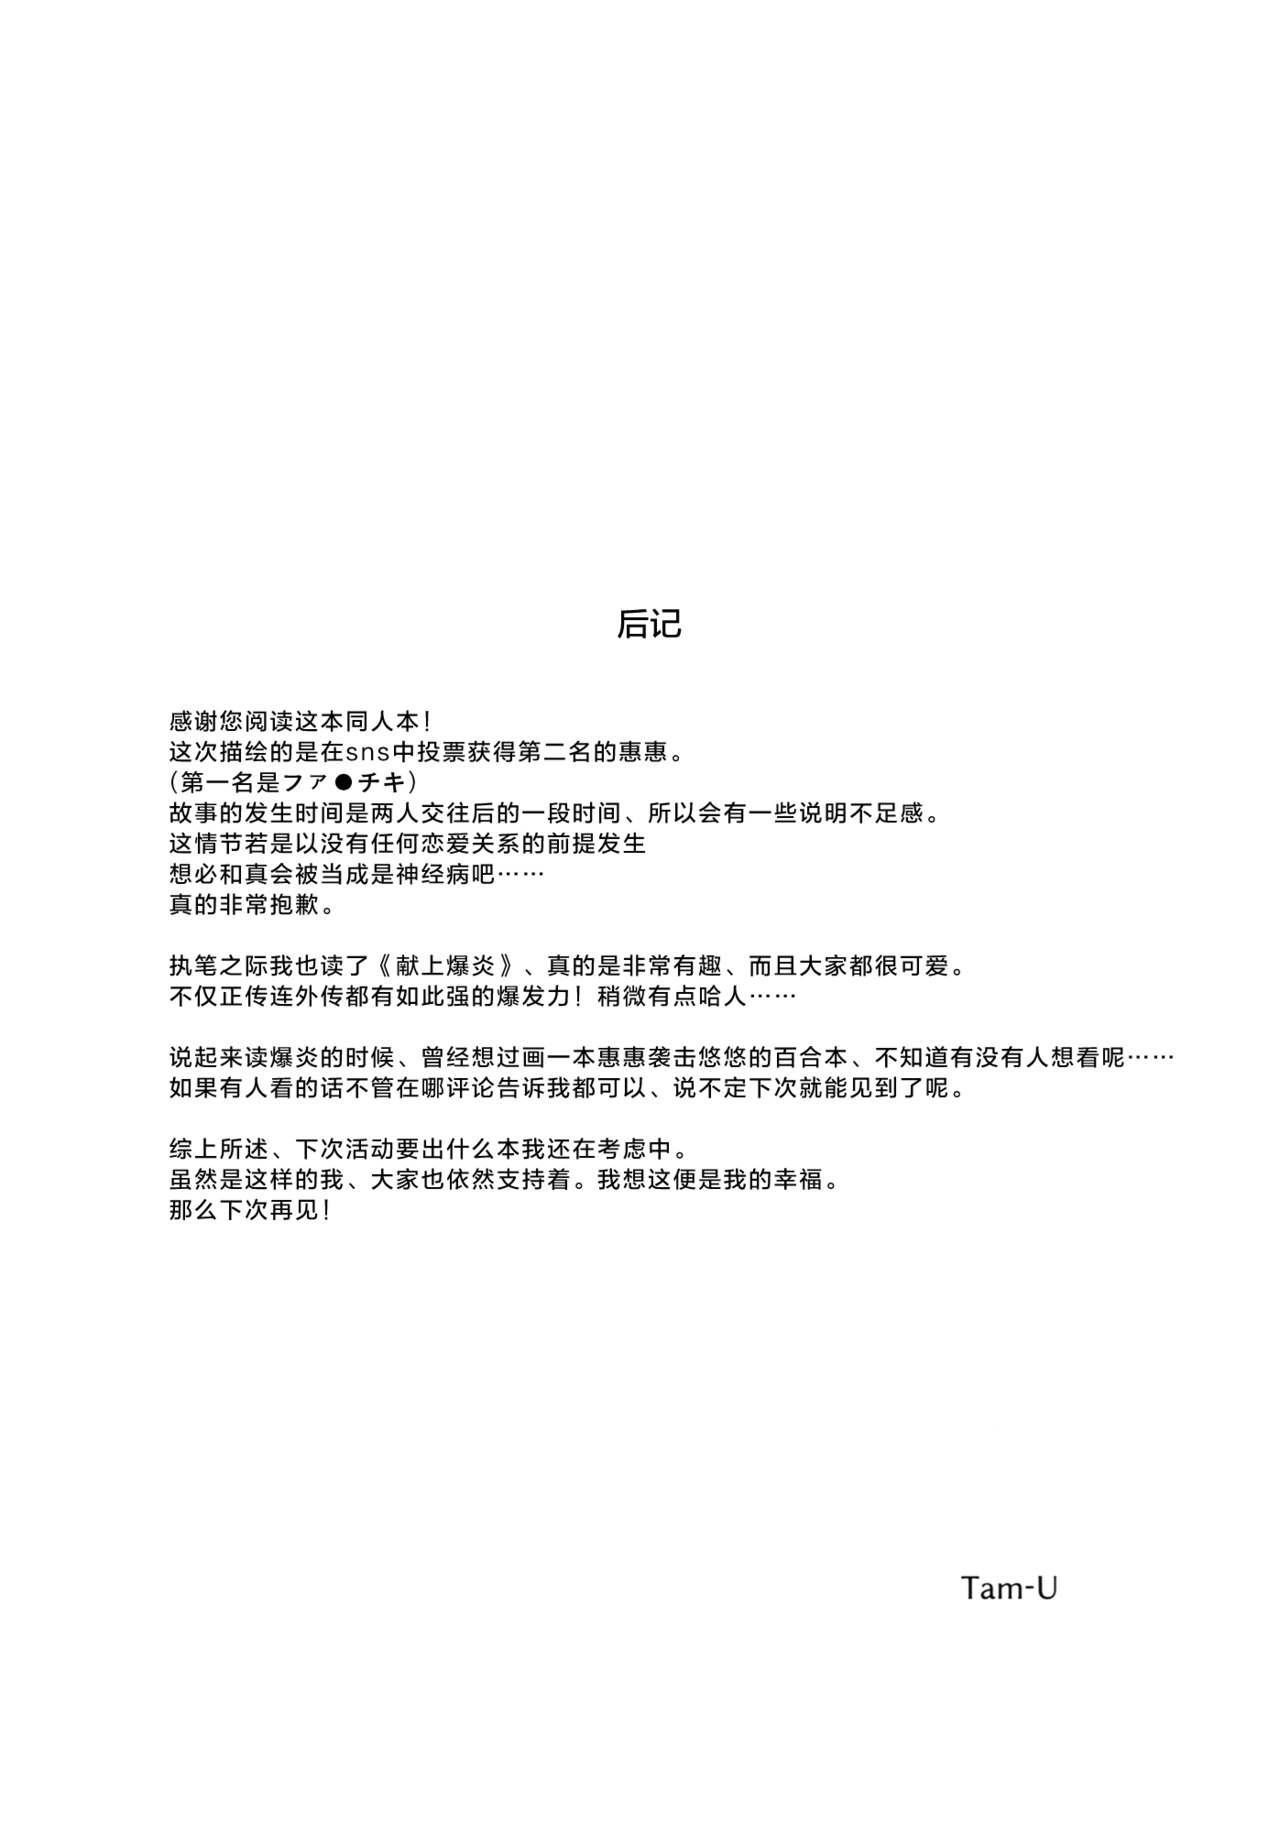 Kono Bakuretsu Musume to Icha Love o! 16